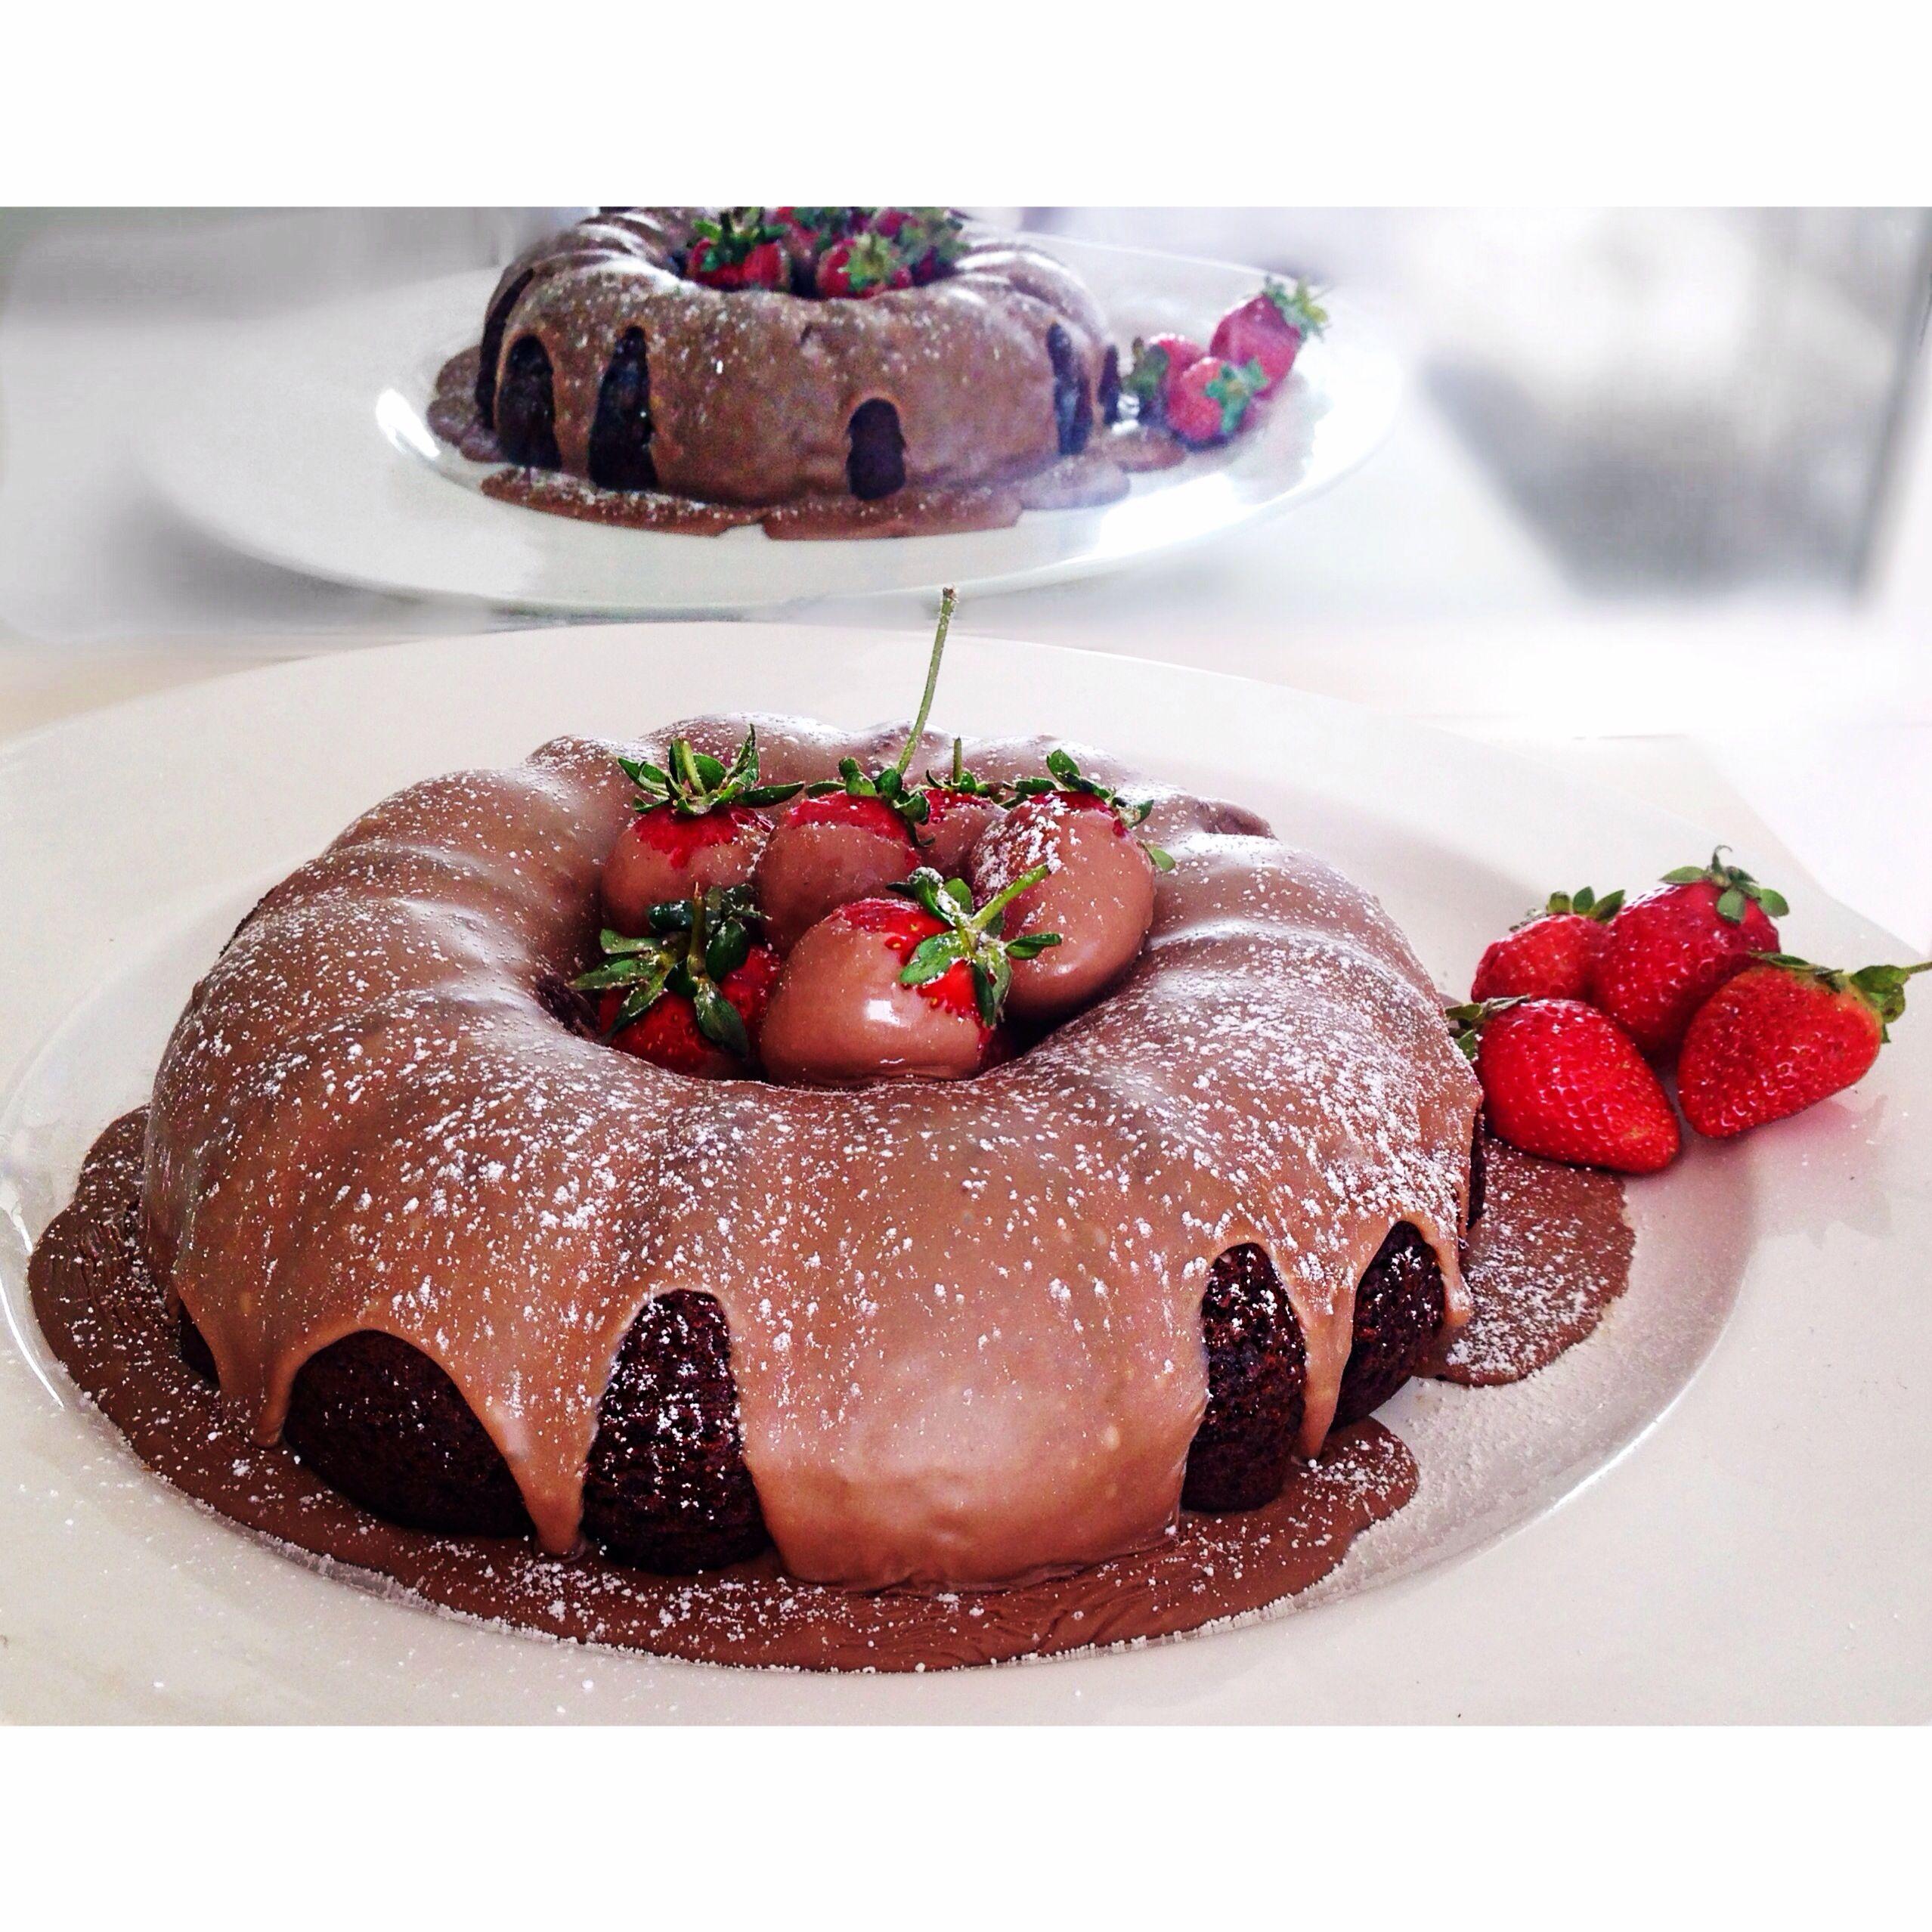 Chocolate Bundt Birthday Cake With Choc Glaze Ganache - Bundt birthday cake